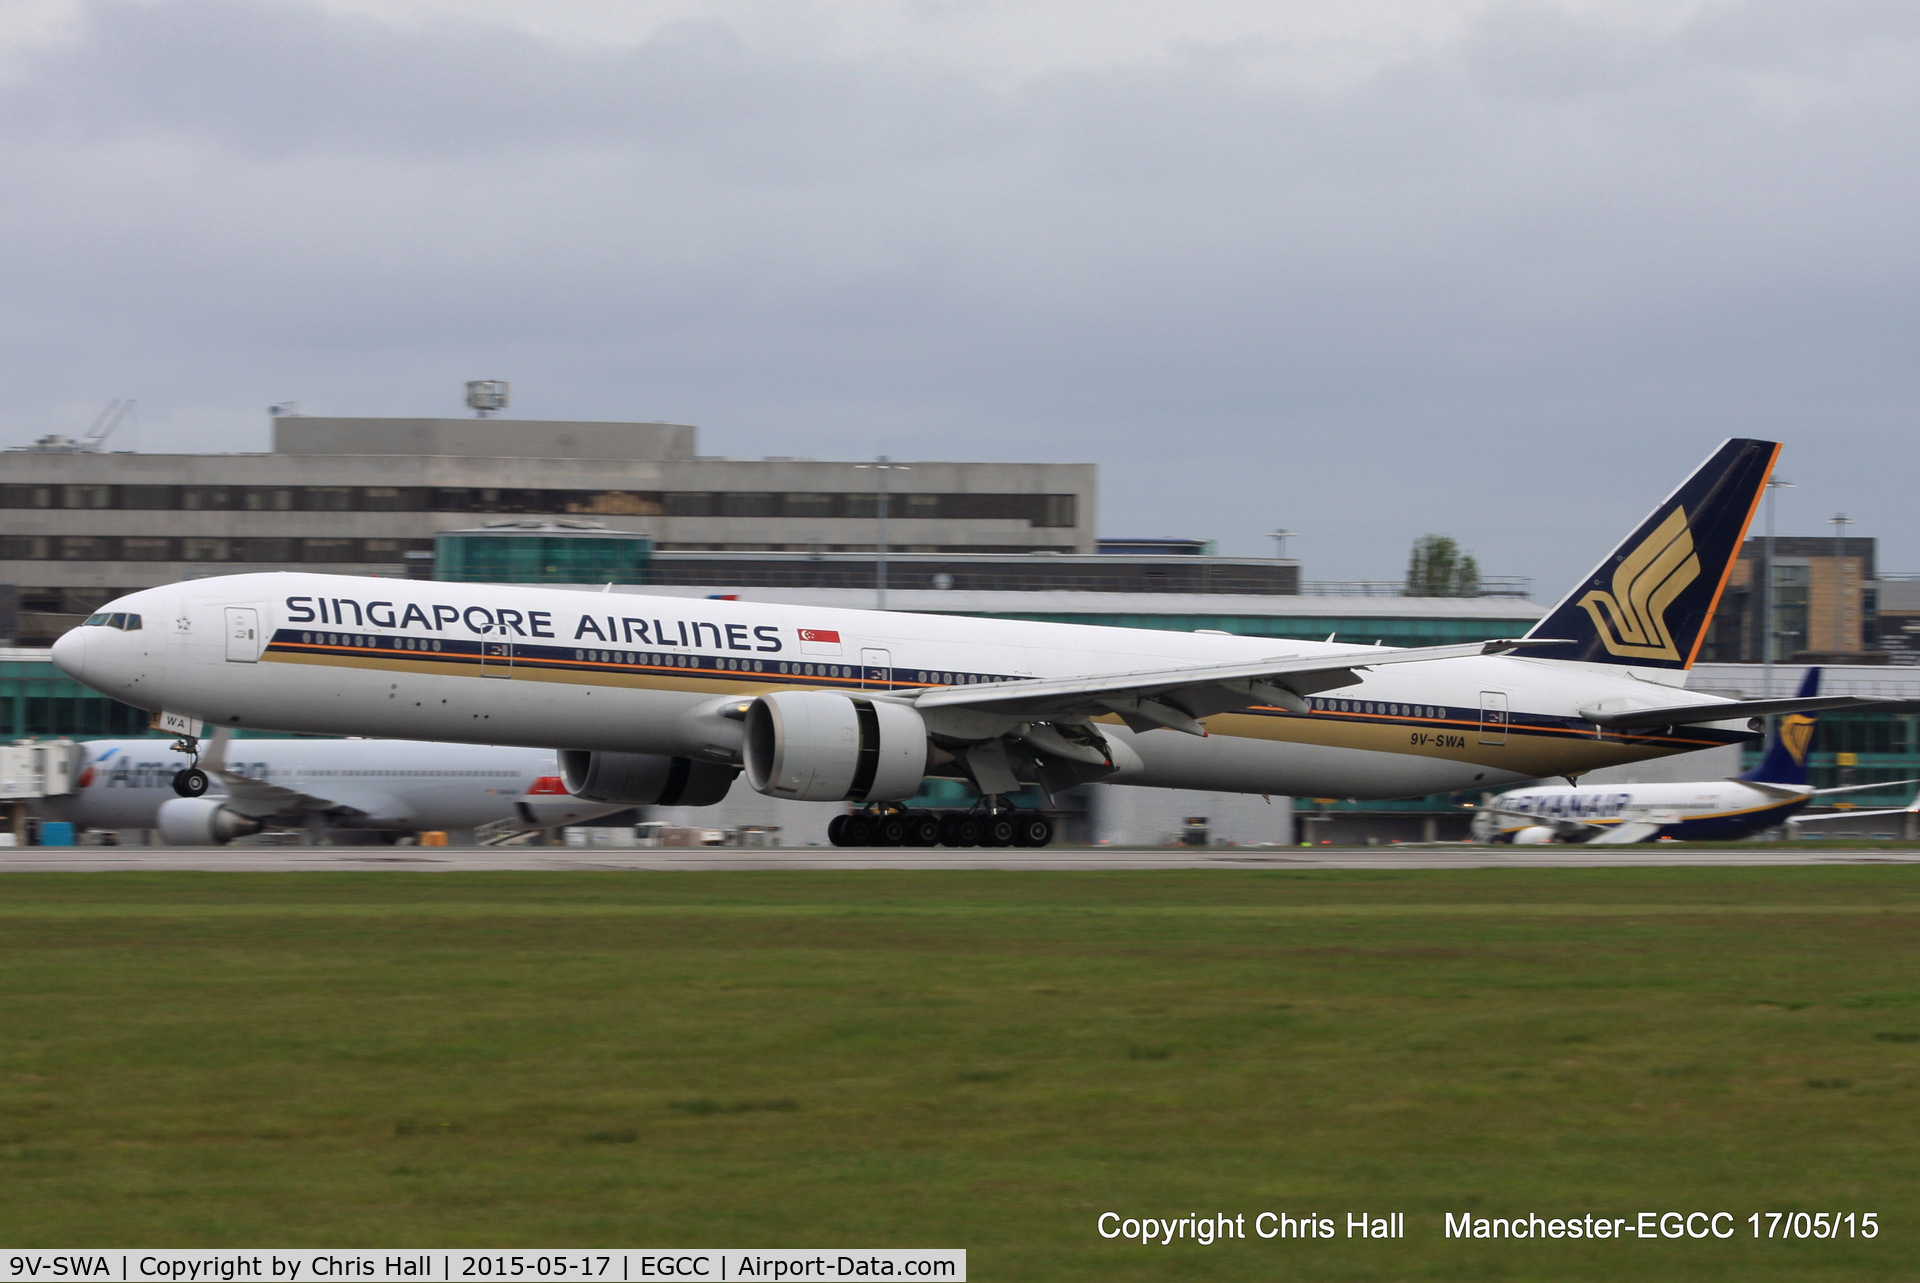 9V-SWA, 2006 Boeing 777-312/ER C/N 34568, Singapore Airlines